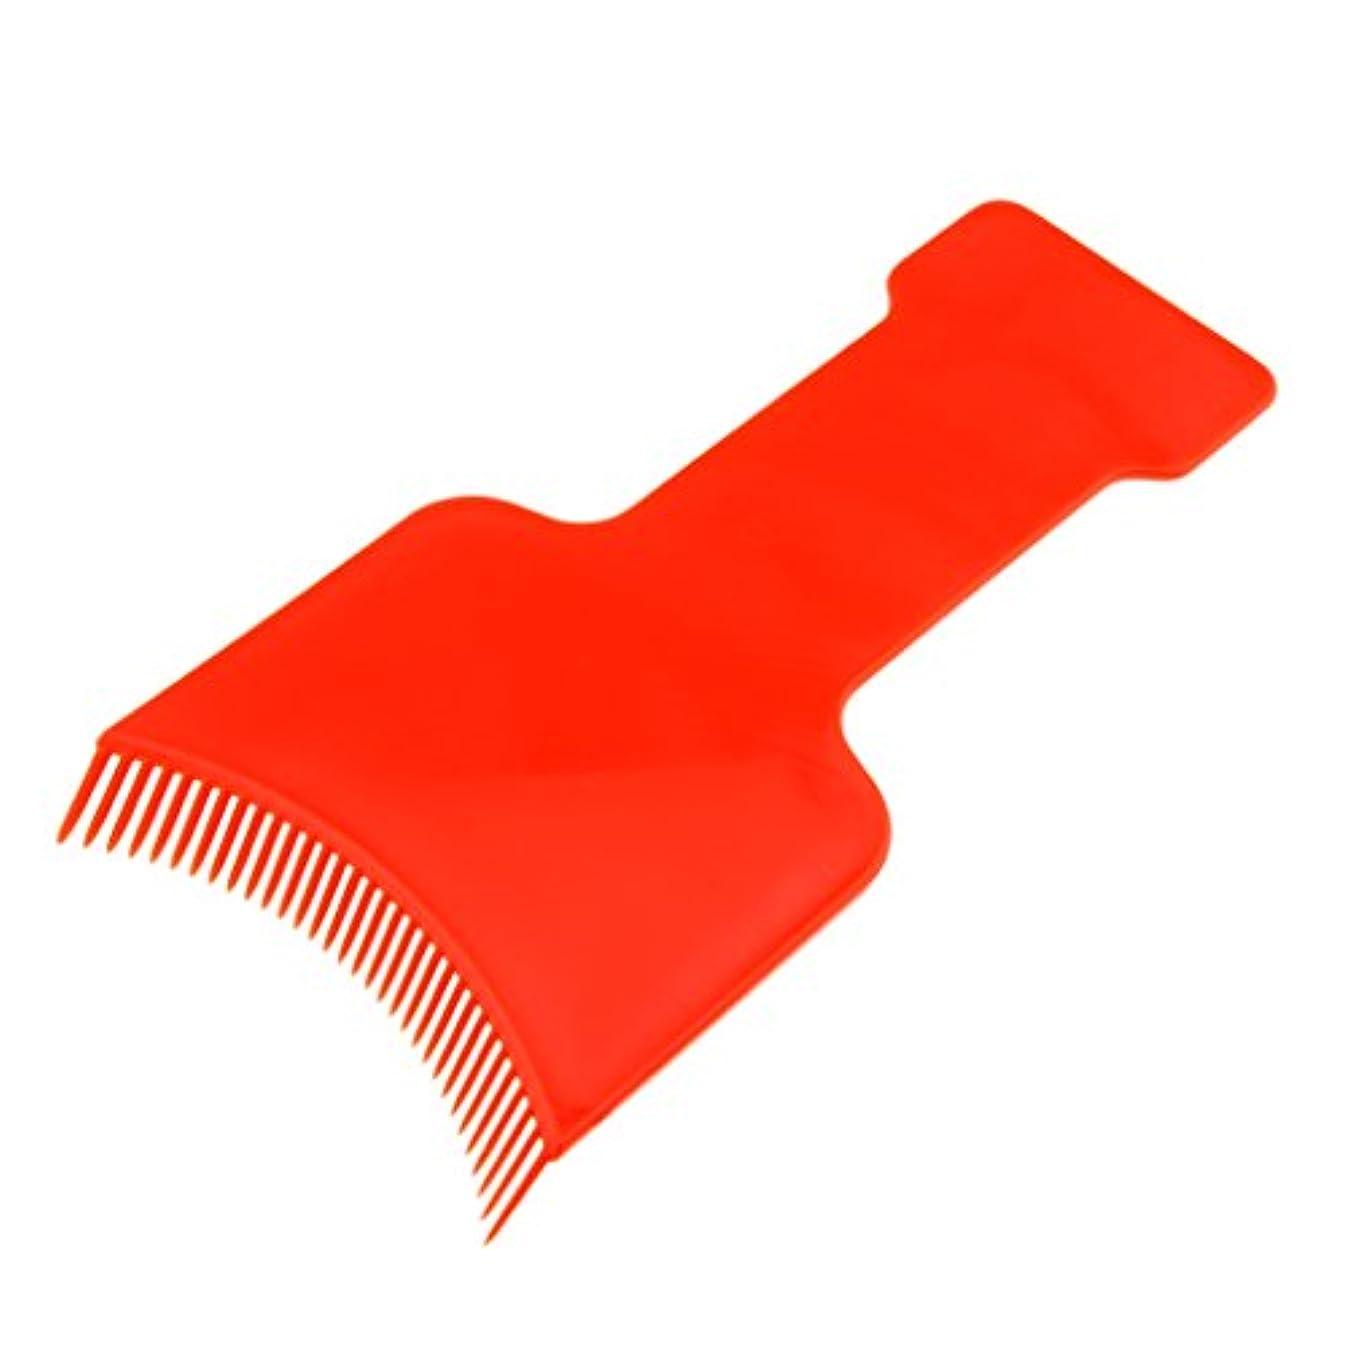 T TOOYFUL ヘアカラーボード ヘアダイコーム ヘアダイブラシ 染色櫛 プレート ヘアサロン 用品